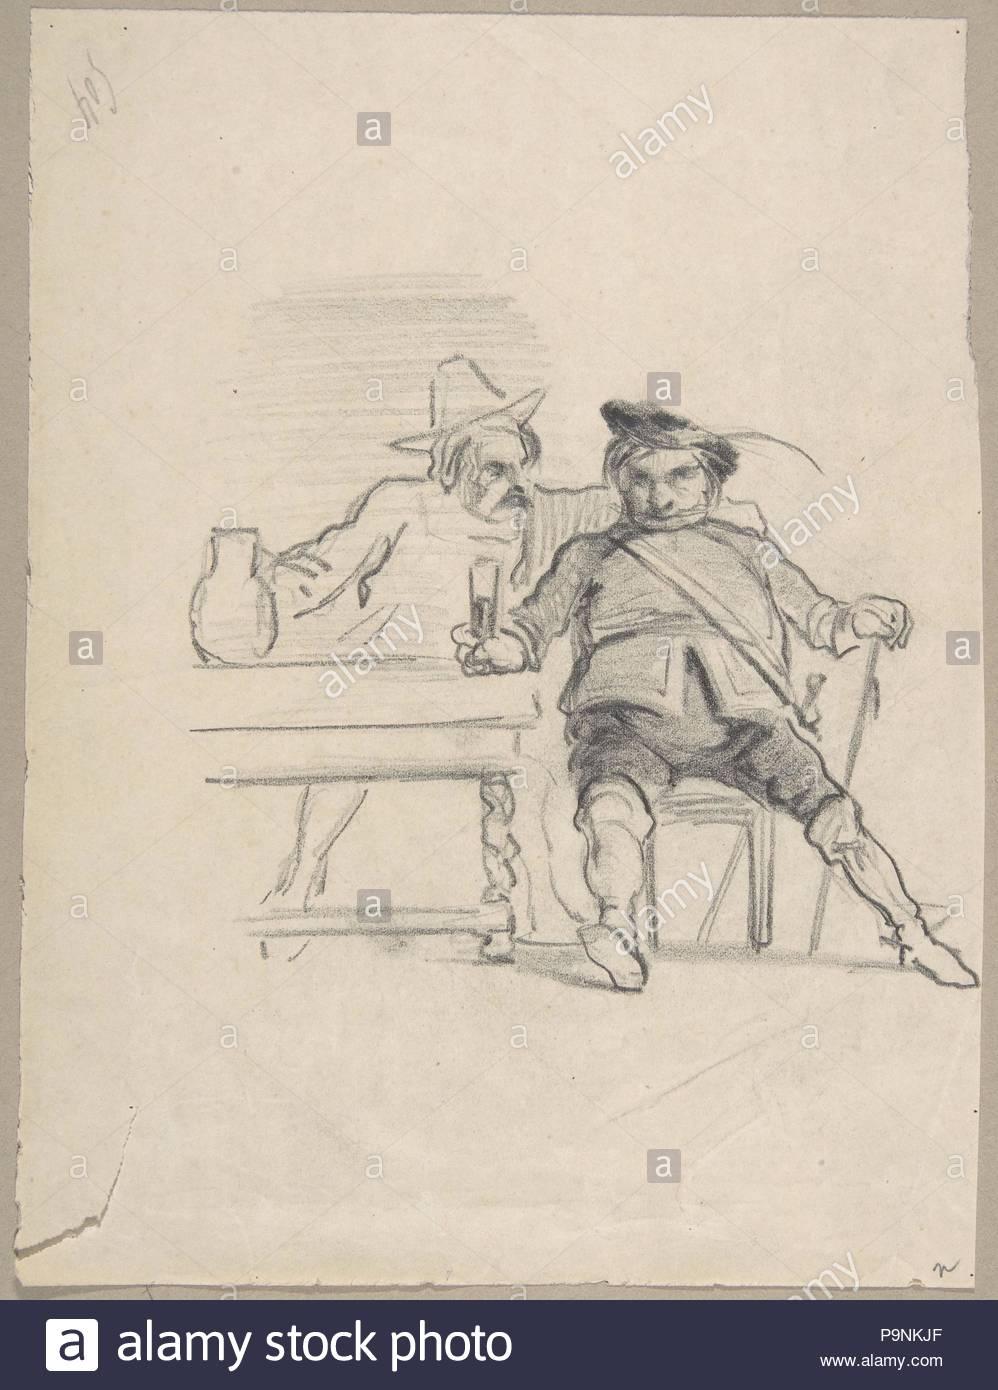 Zwei männliche Figuren an einem Tisch, Trinken, Graphit sitzt, 7-3/4 x 5-7/8 in. (19,7 x 14,9 cm), Zeichnungen, Félicien Rops (Belgien, Namur 1833 - 1898 Essonnes). Stockbild